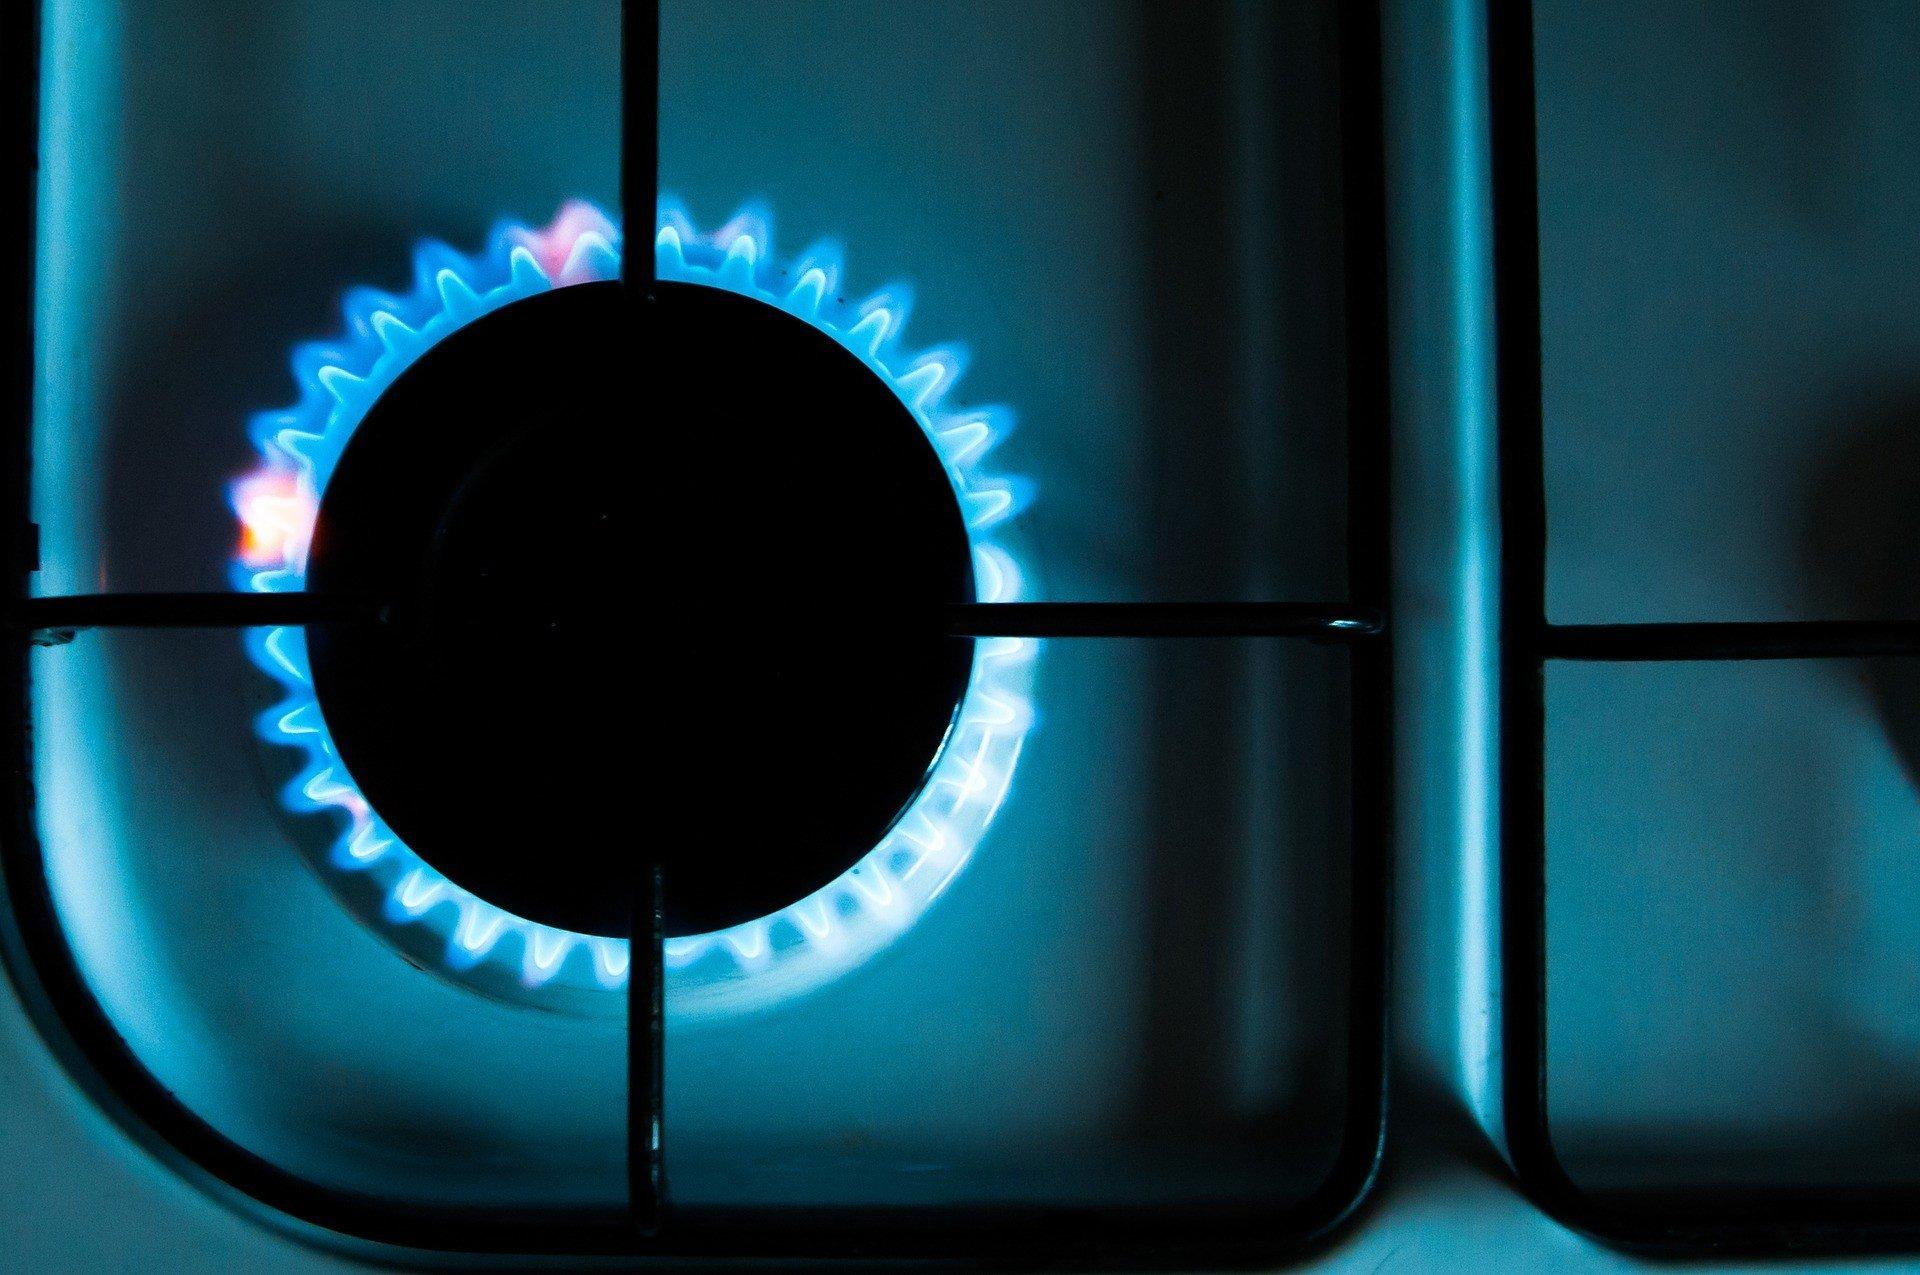 Поставщики газа будут максимизировать свою прибыль - Нафтогаз